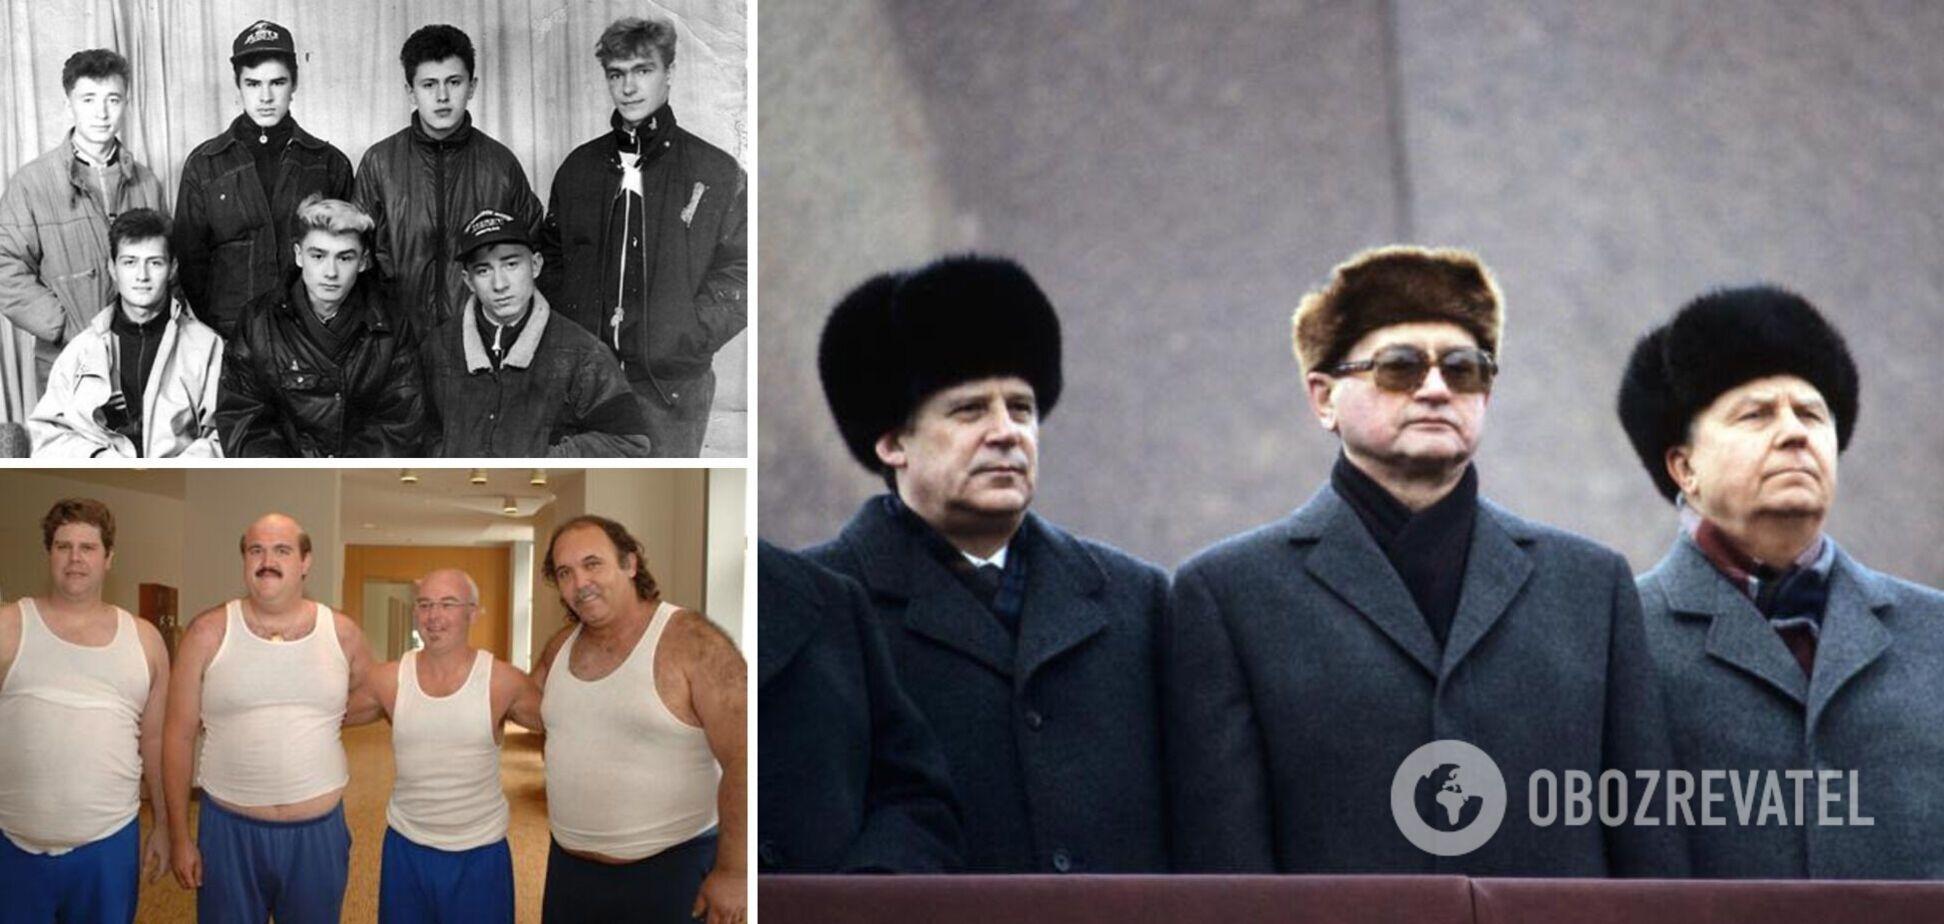 Тренды в СССР диктовала власть